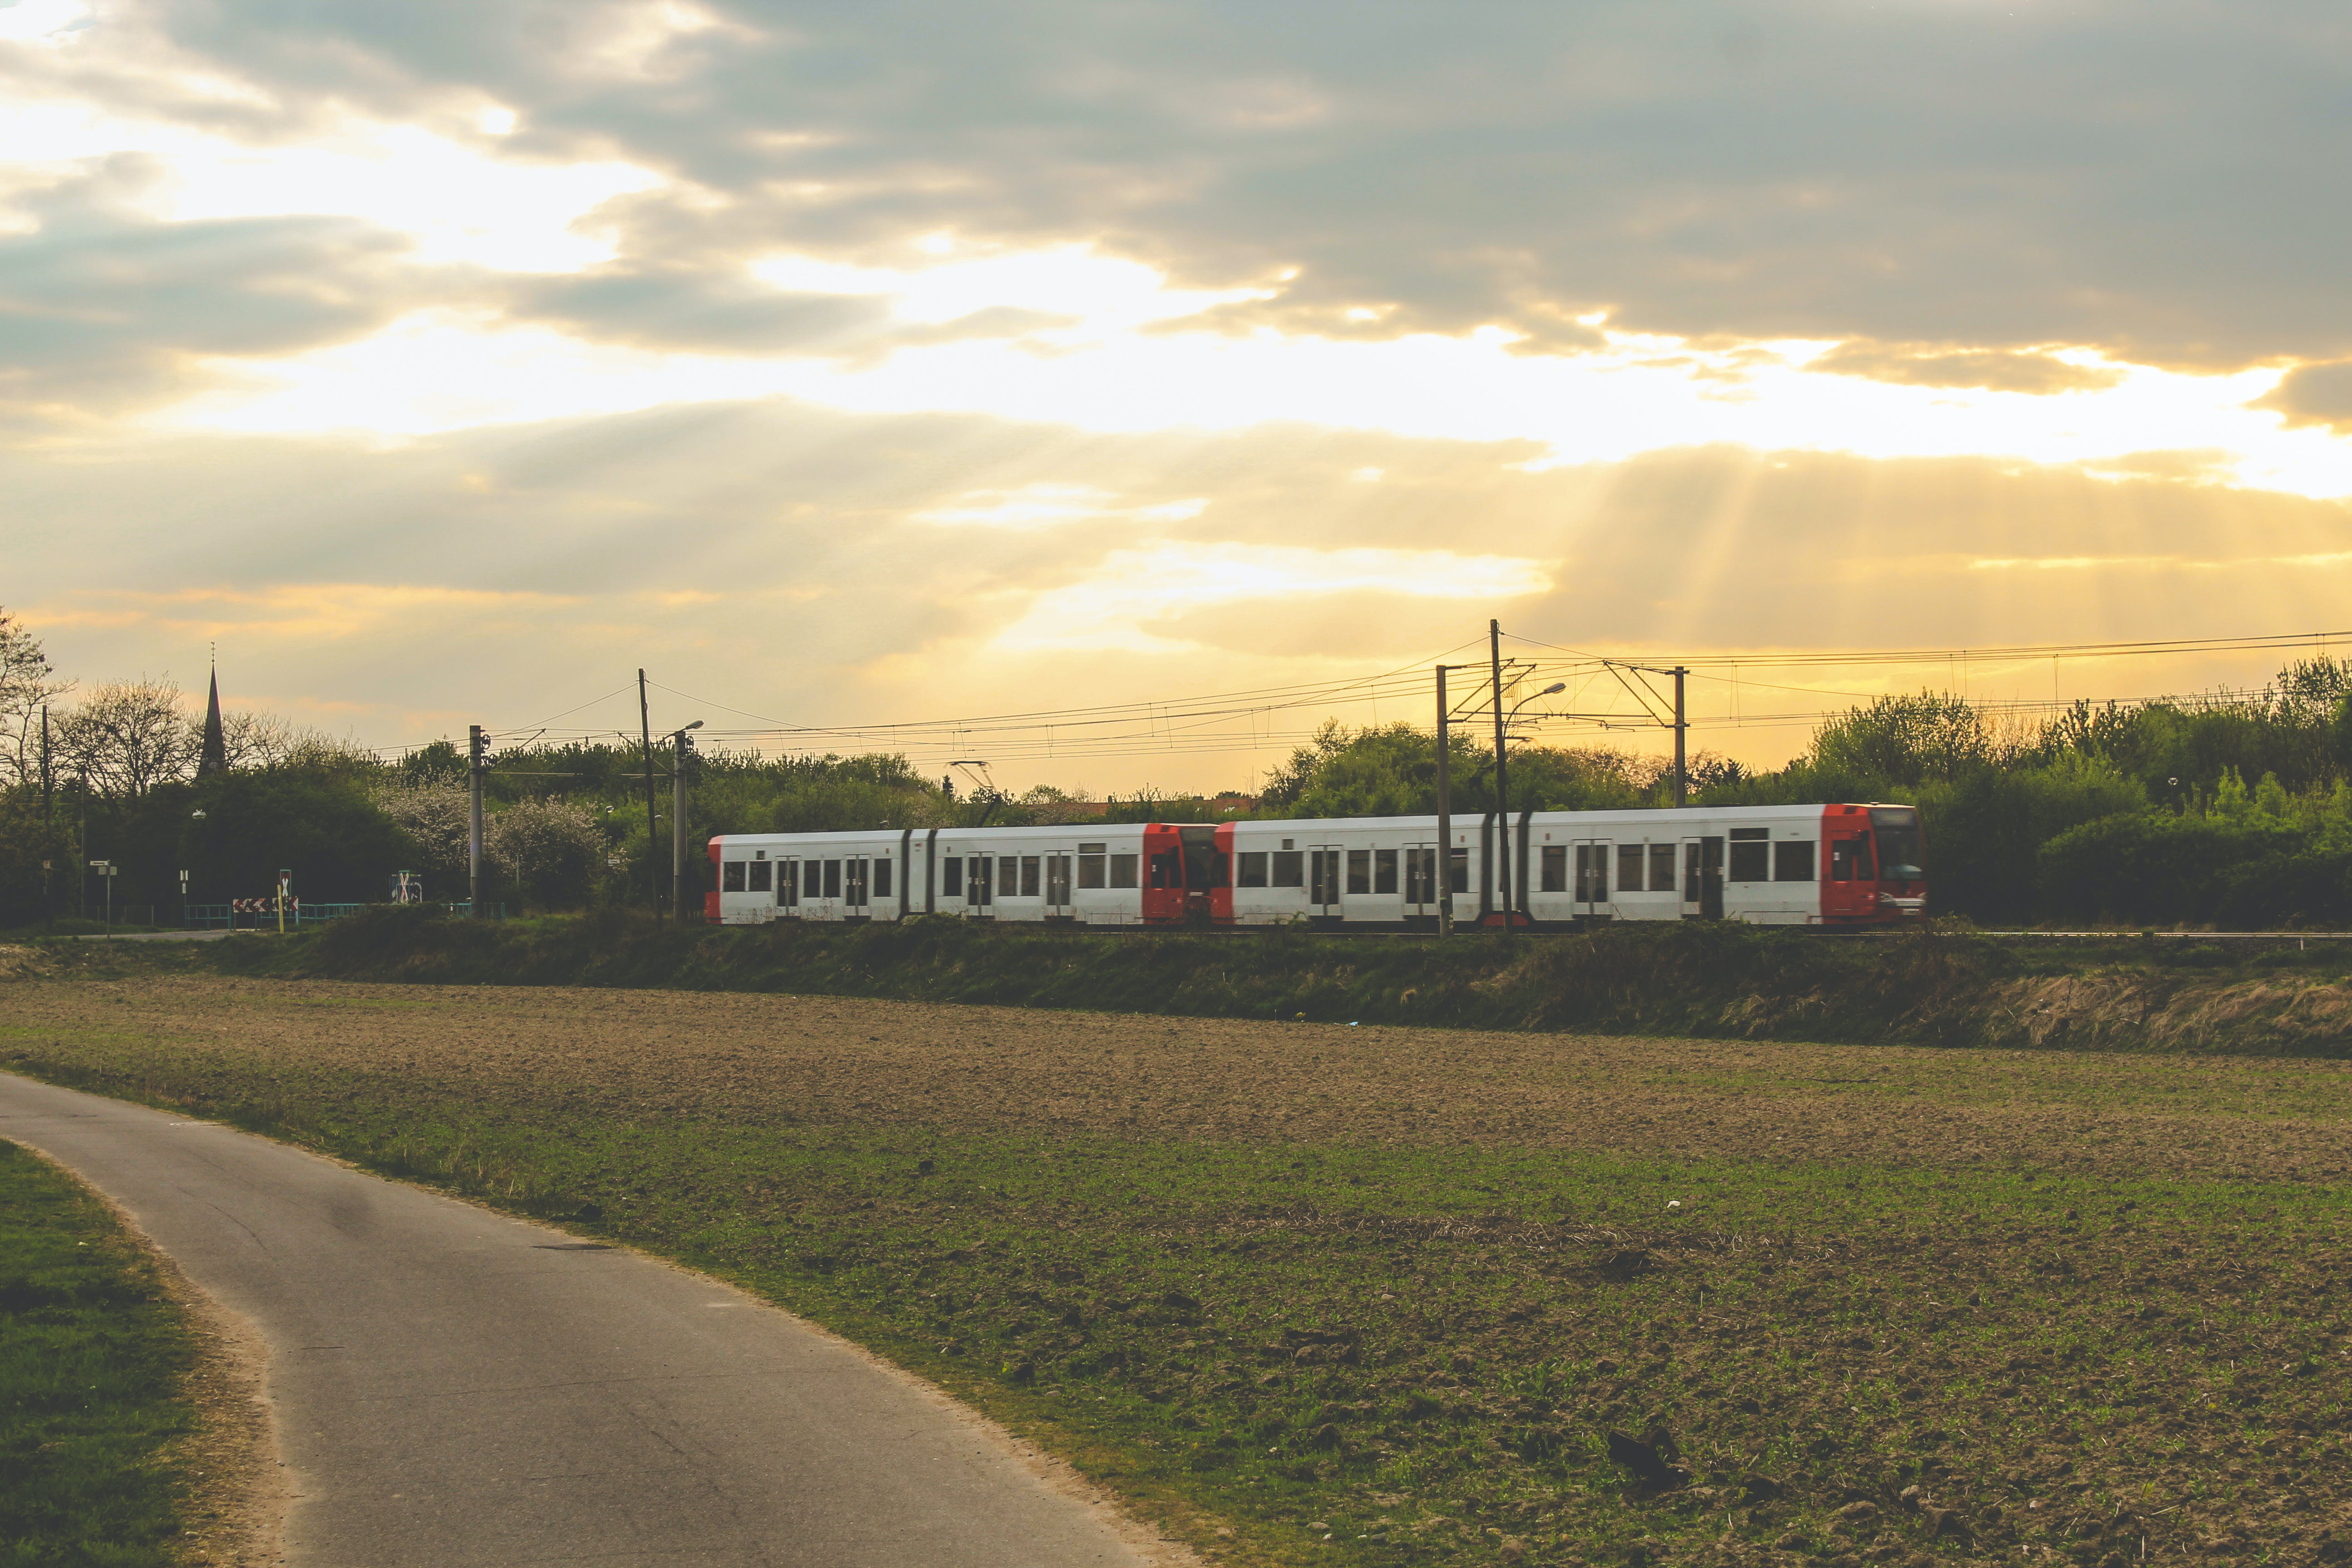 Kostenloses Stock Foto zu abendhimmel, goldenen sonnenuntergang, straßenbahn, straßenbahnlinien